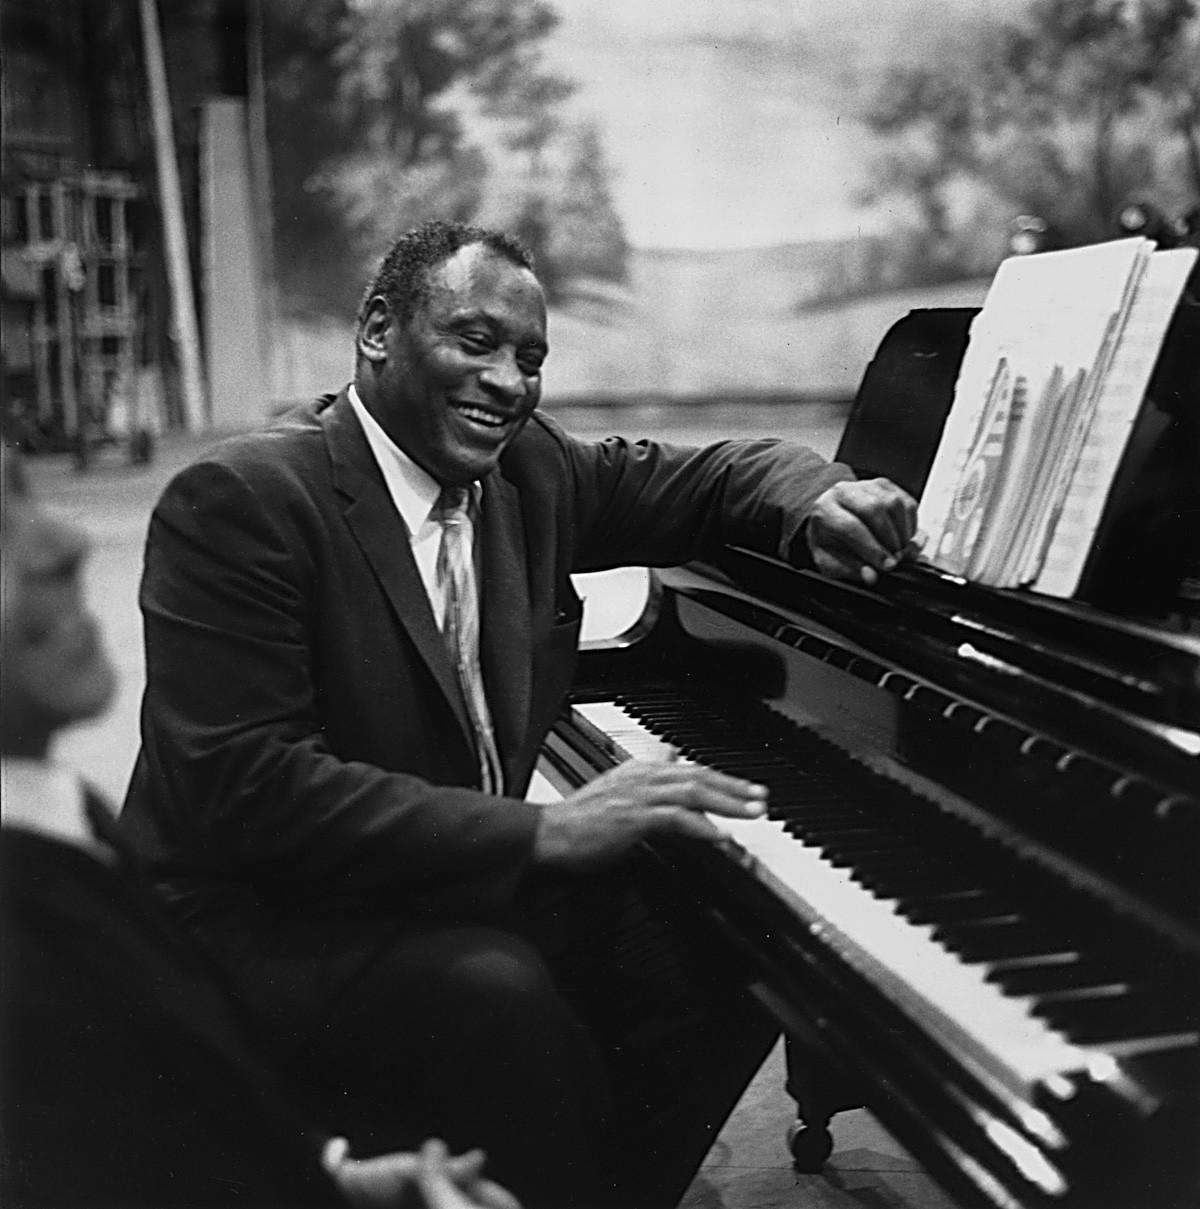 22 юли 1958 г.: Пол Робсън репетира на пианото